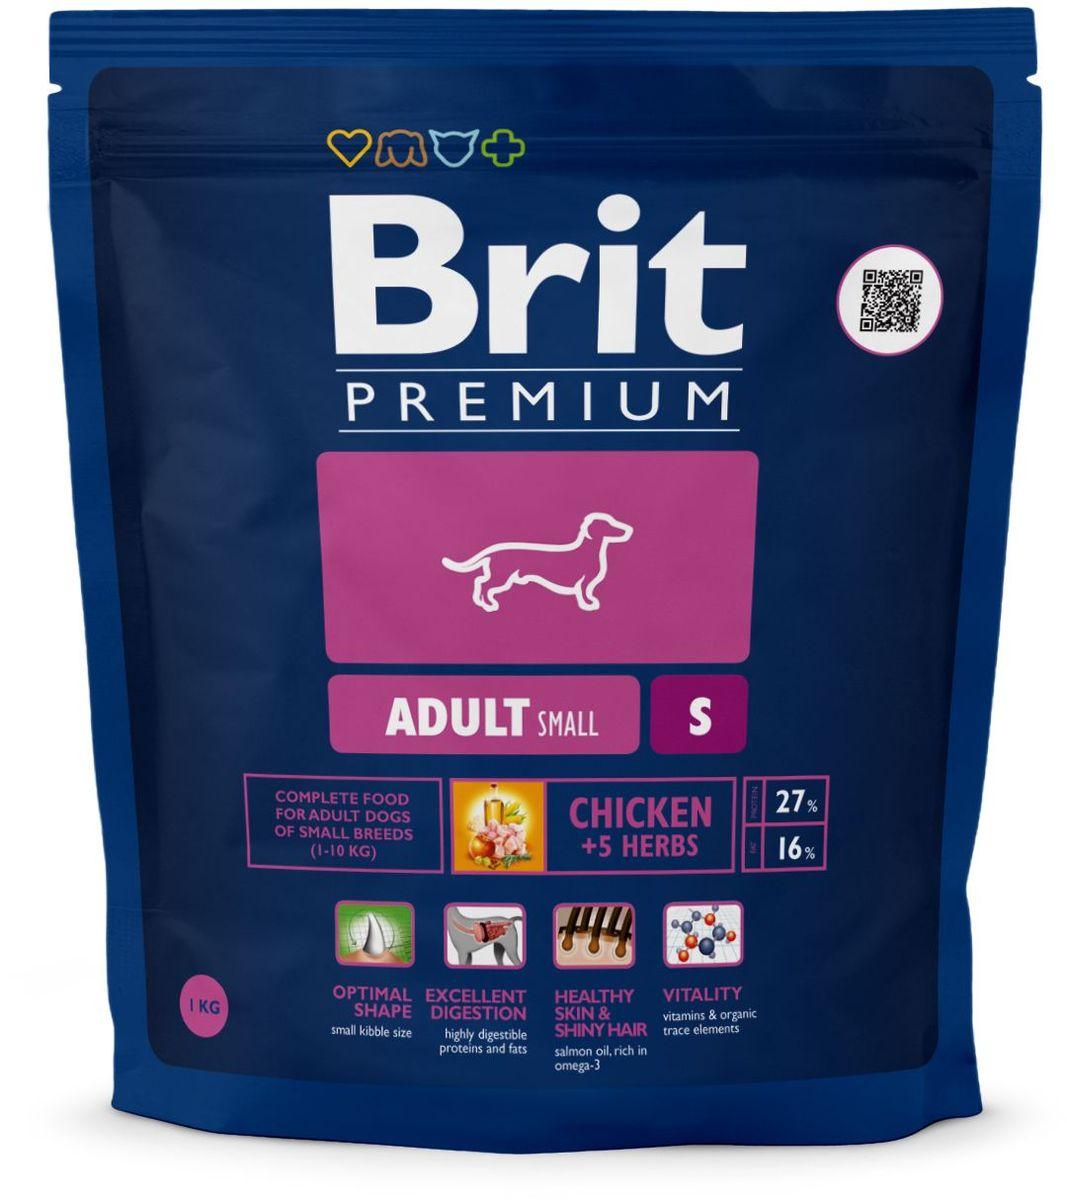 Корм сухой Brit Premium Adult S для взрослых собак мелких пород, с курицей, 1 кг пудовъ мука ржаная обдирная 1 кг